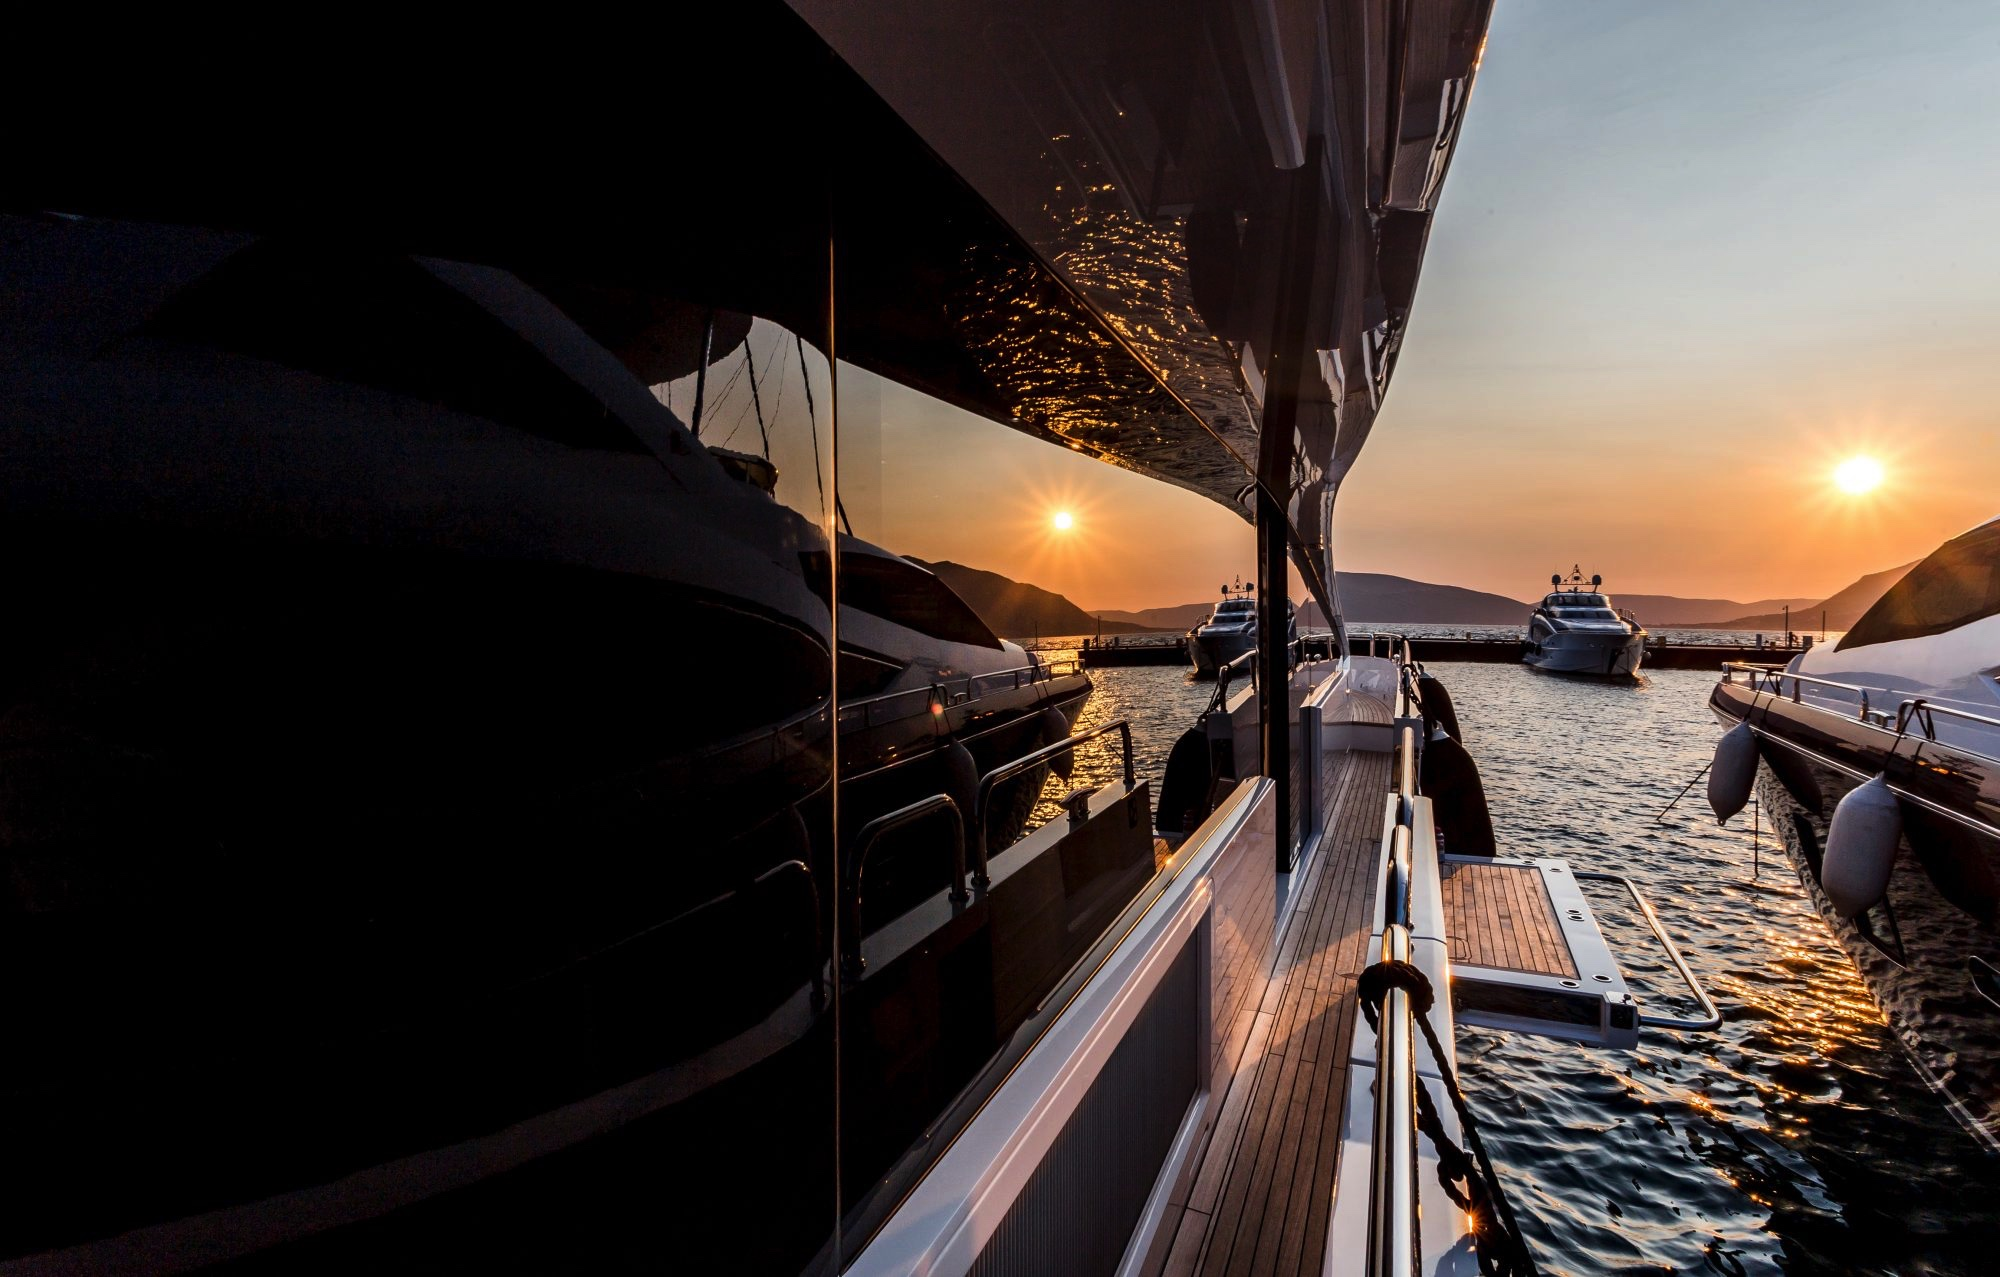 Sunseeker 86 Yacht - Stardust of Poole - Balcony